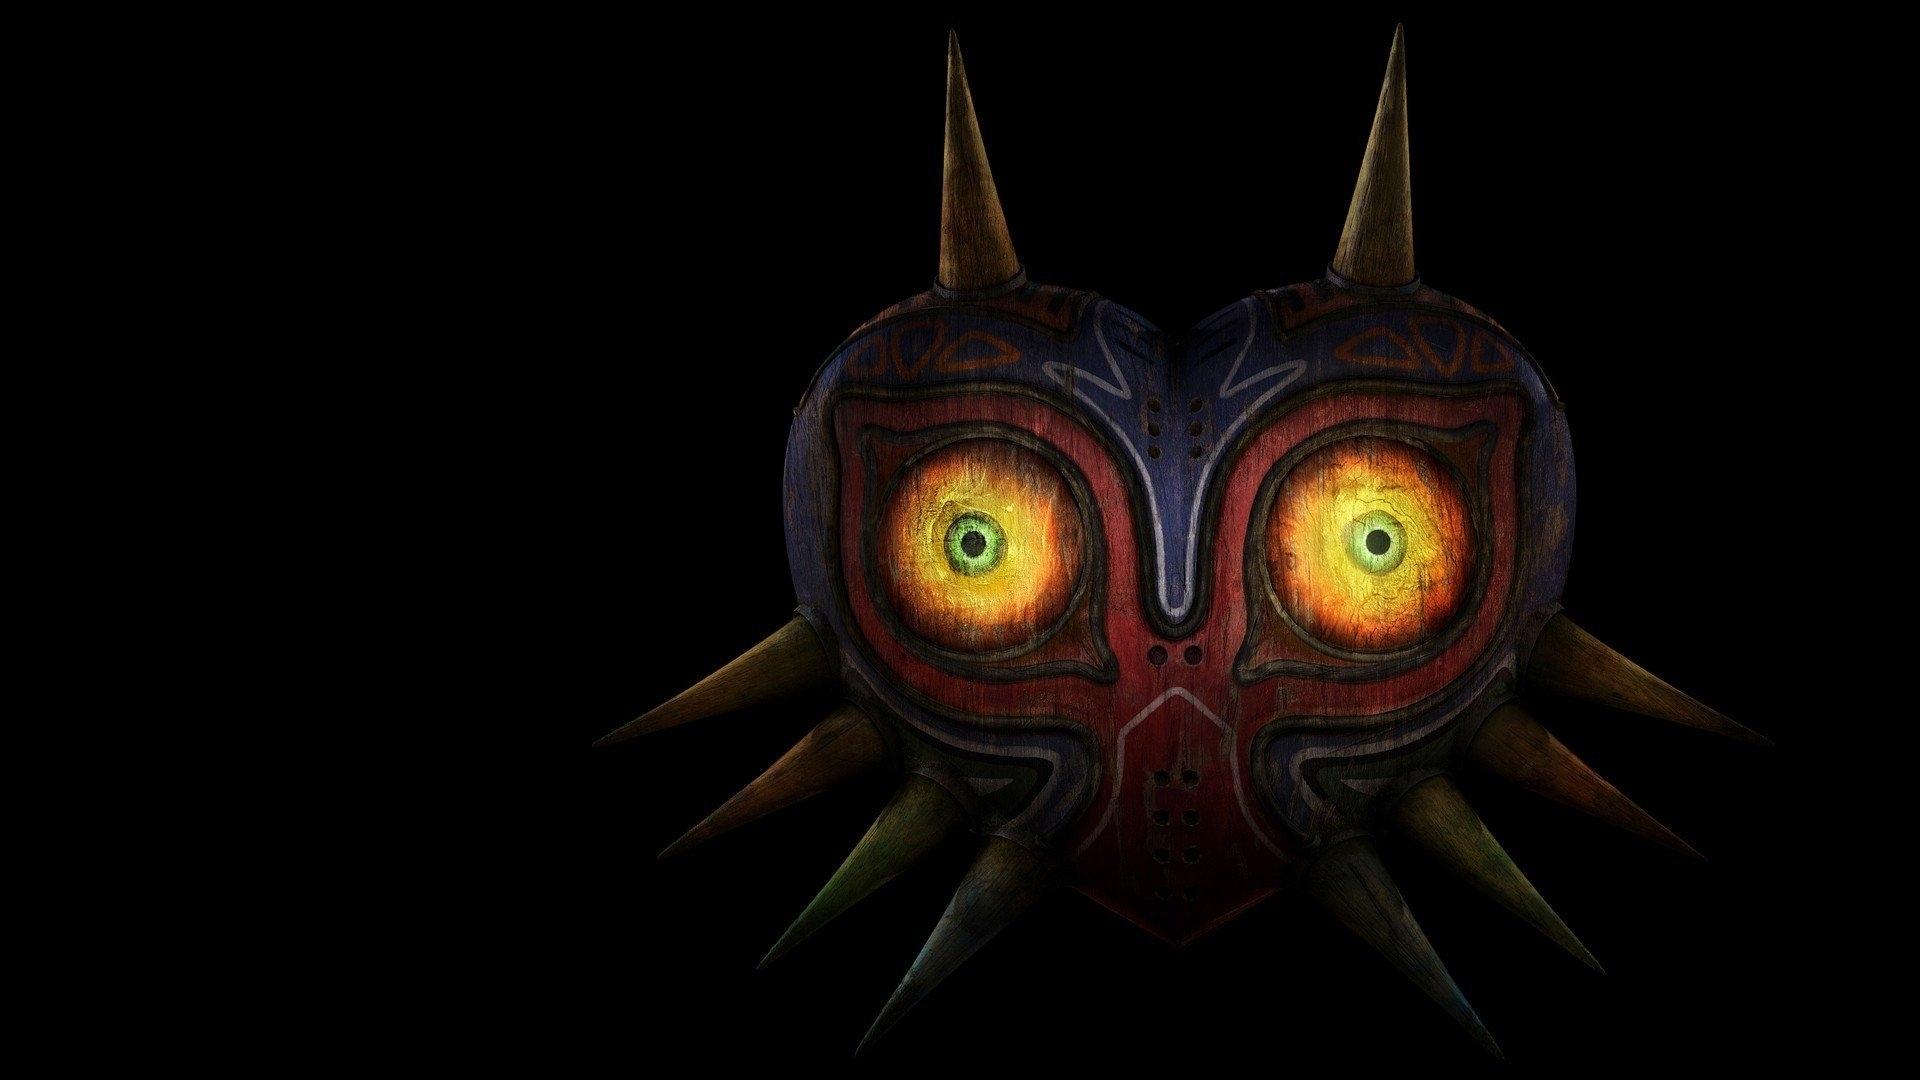 the legend of zelda majora's mask - walldevil